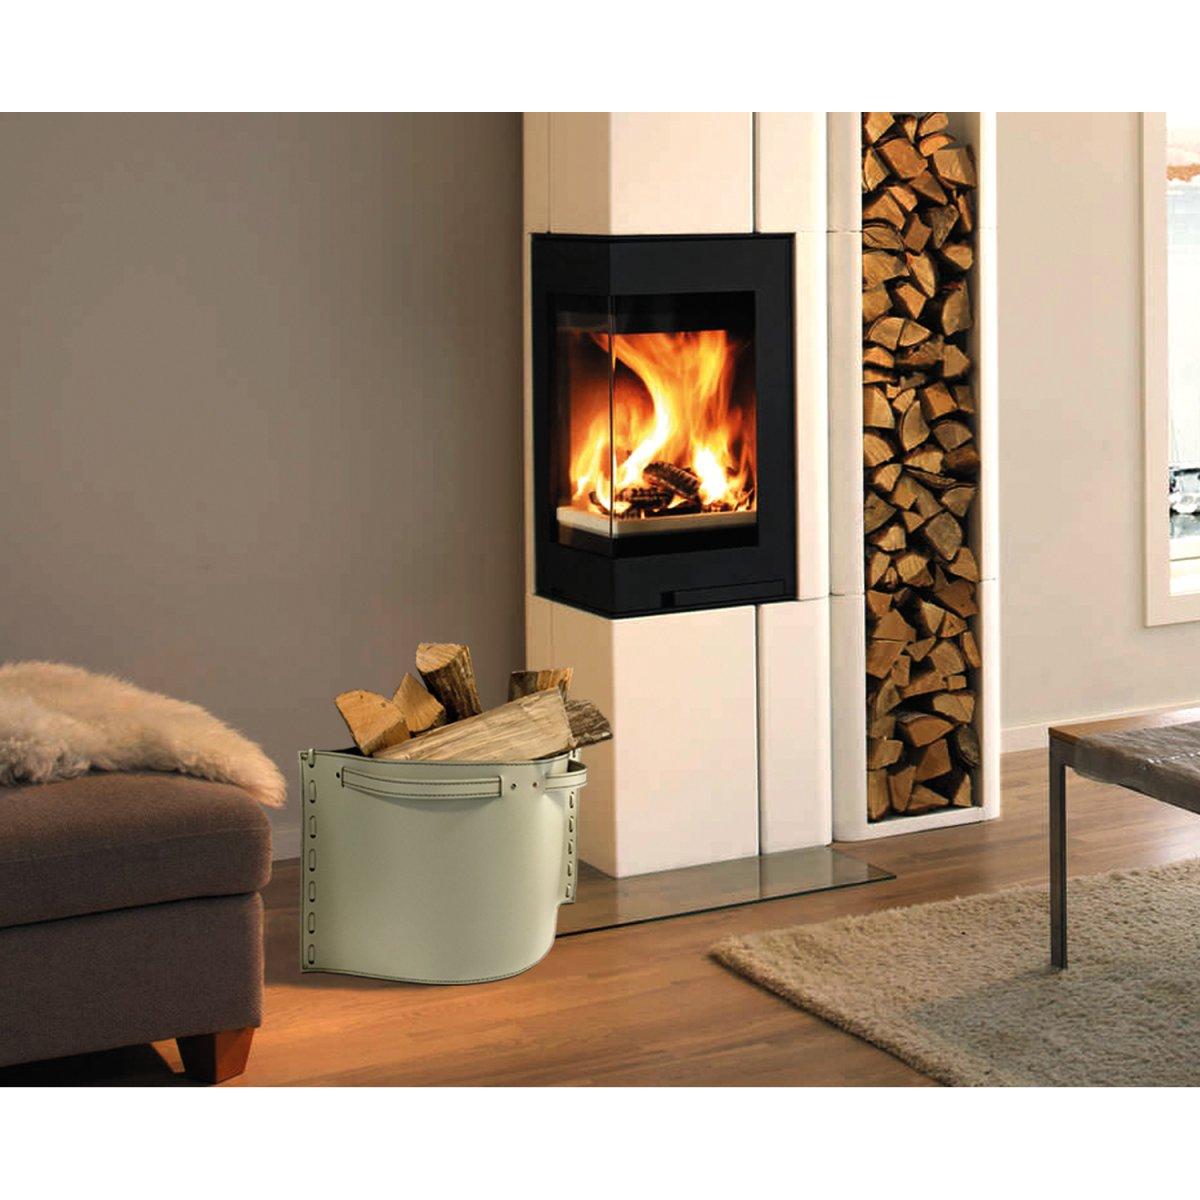 Morandin design contenitore porta legna in cuoio daisy for Cesti porta legna ikea